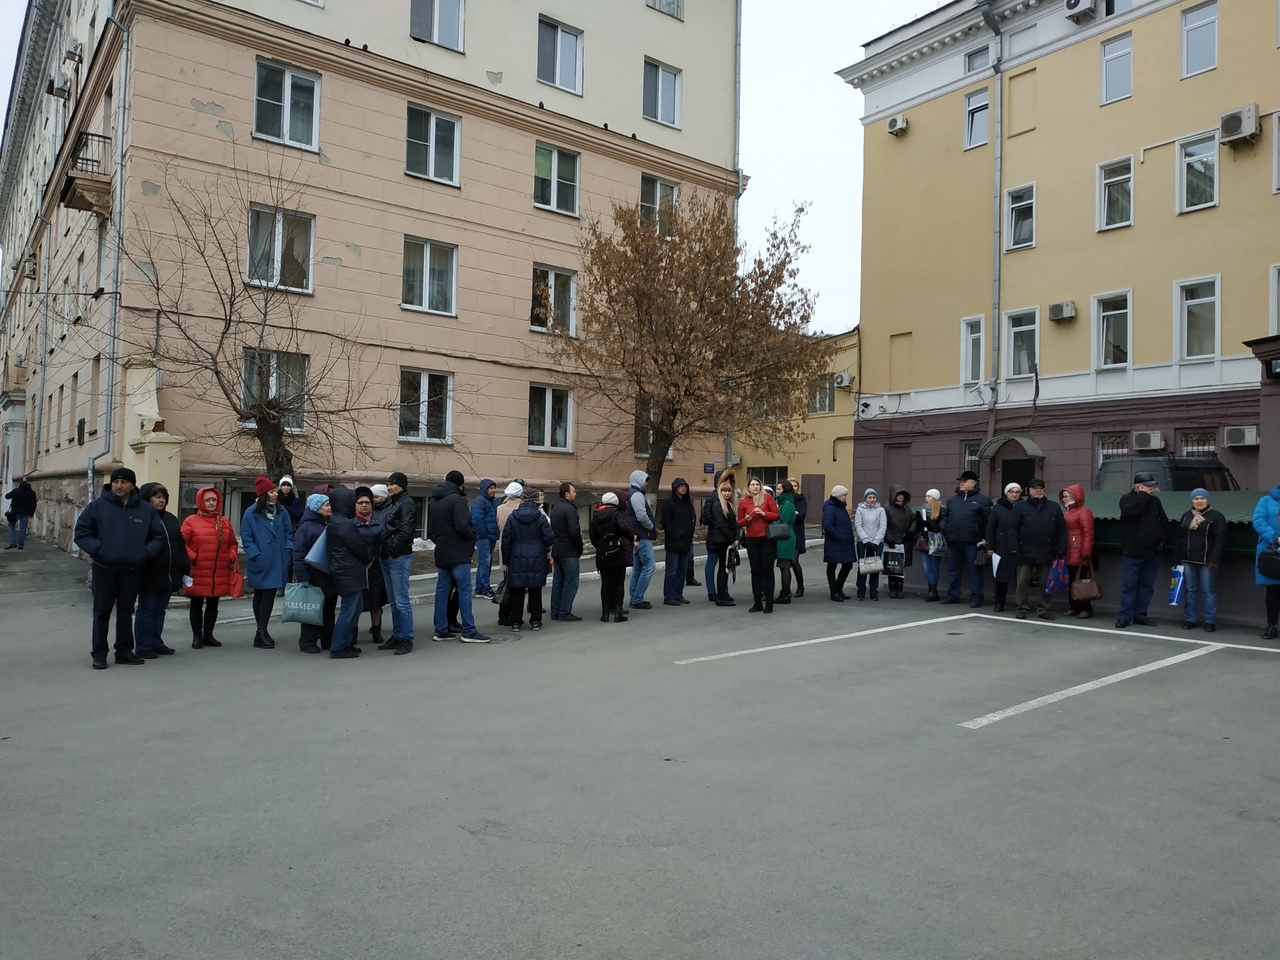 Михаил Юревич, посетивший 18 апреля метзавод в ходе рабочей поездки в Златоуст, был крайне недово